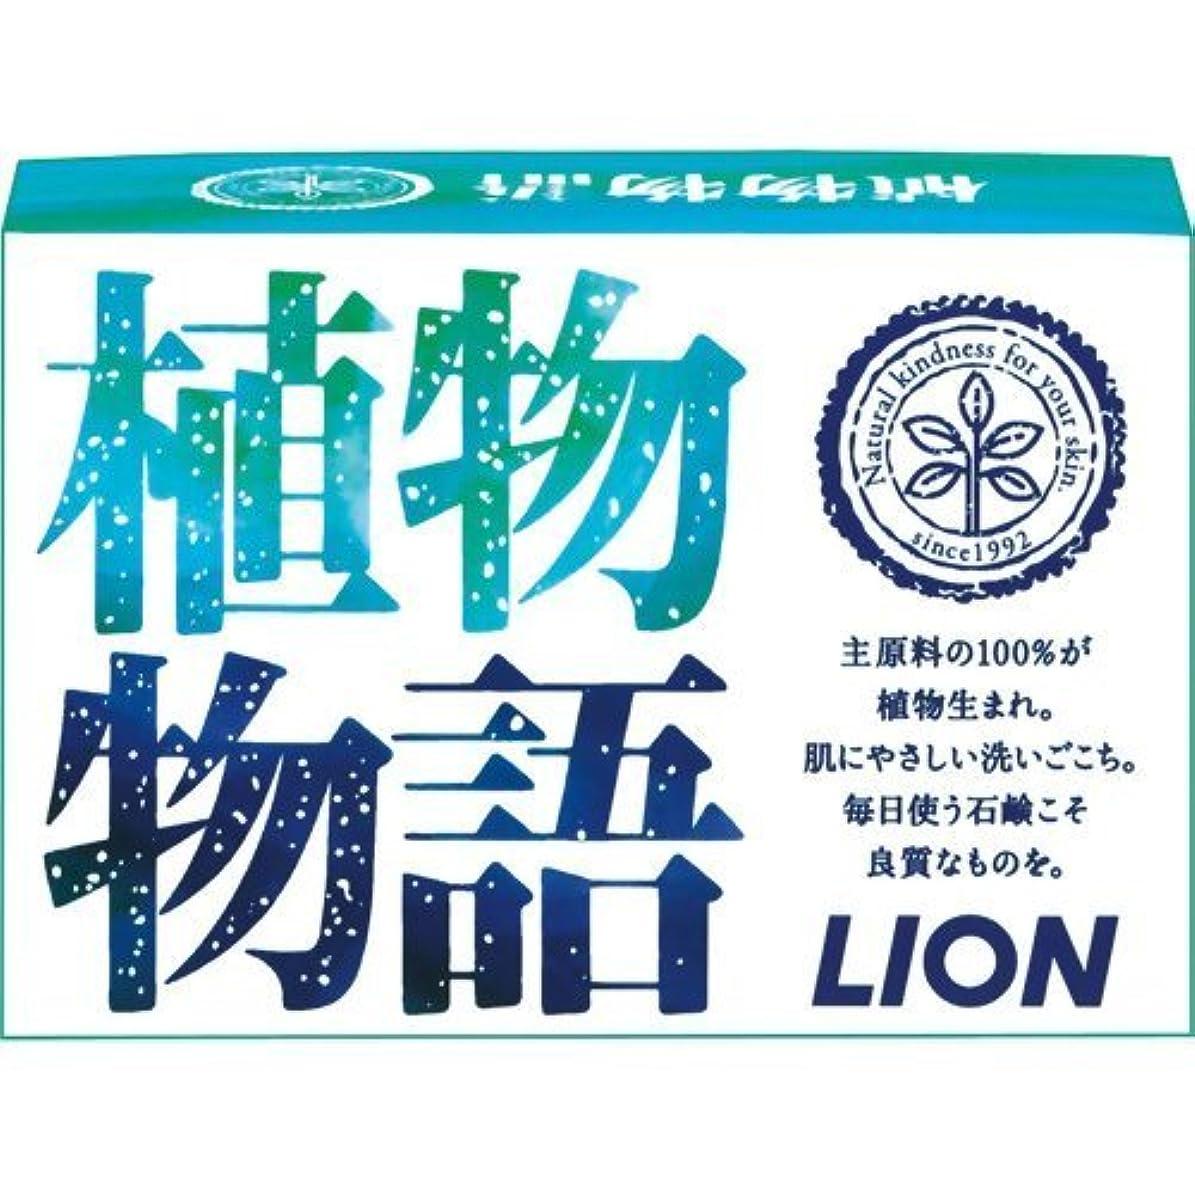 テロ弾性値ライオン 植物物語 化粧石鹸  1個